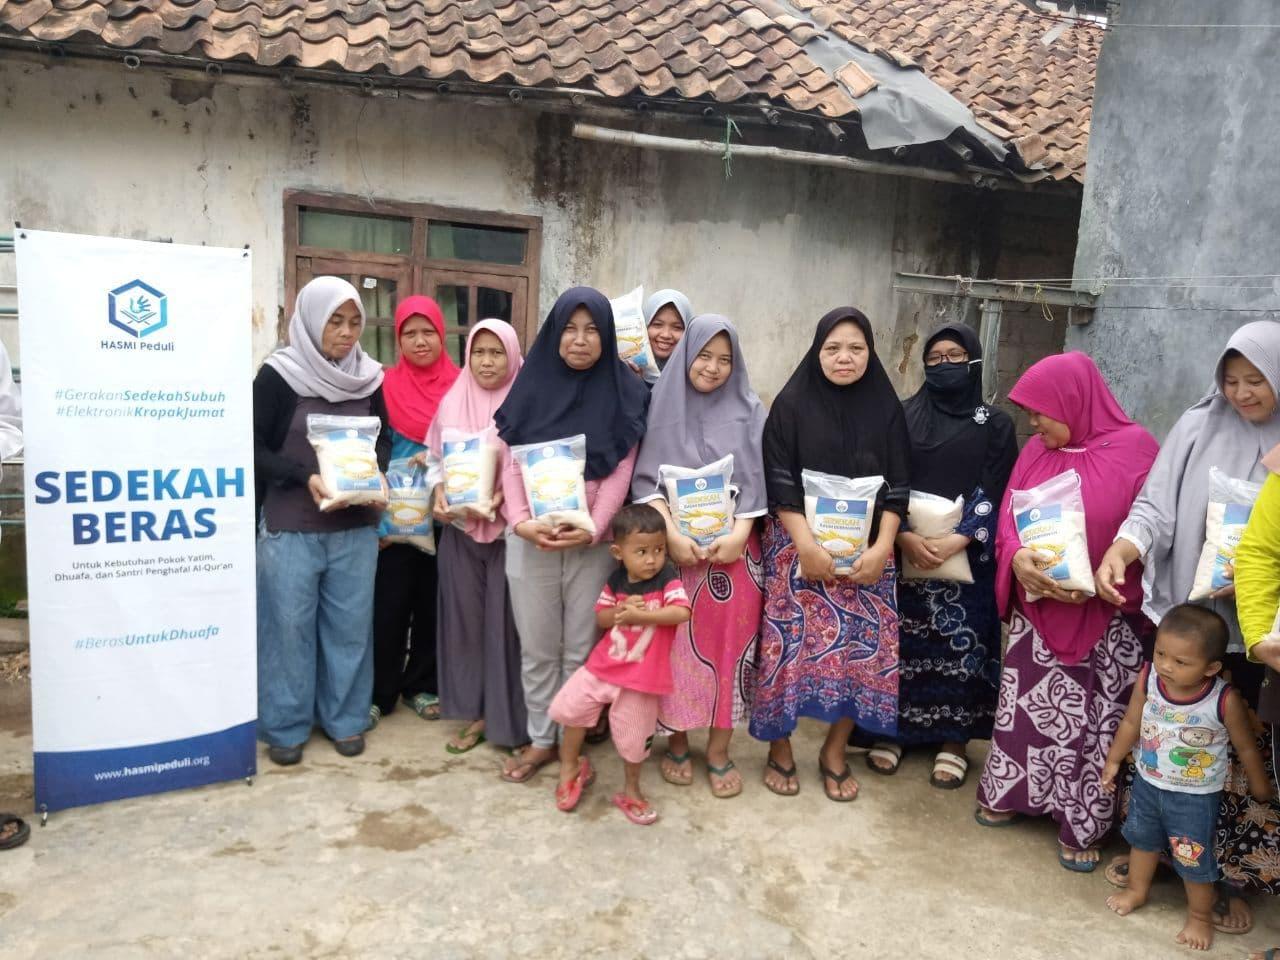 Distribusi Paket Beras ke Kampung Cibanteng Bogor